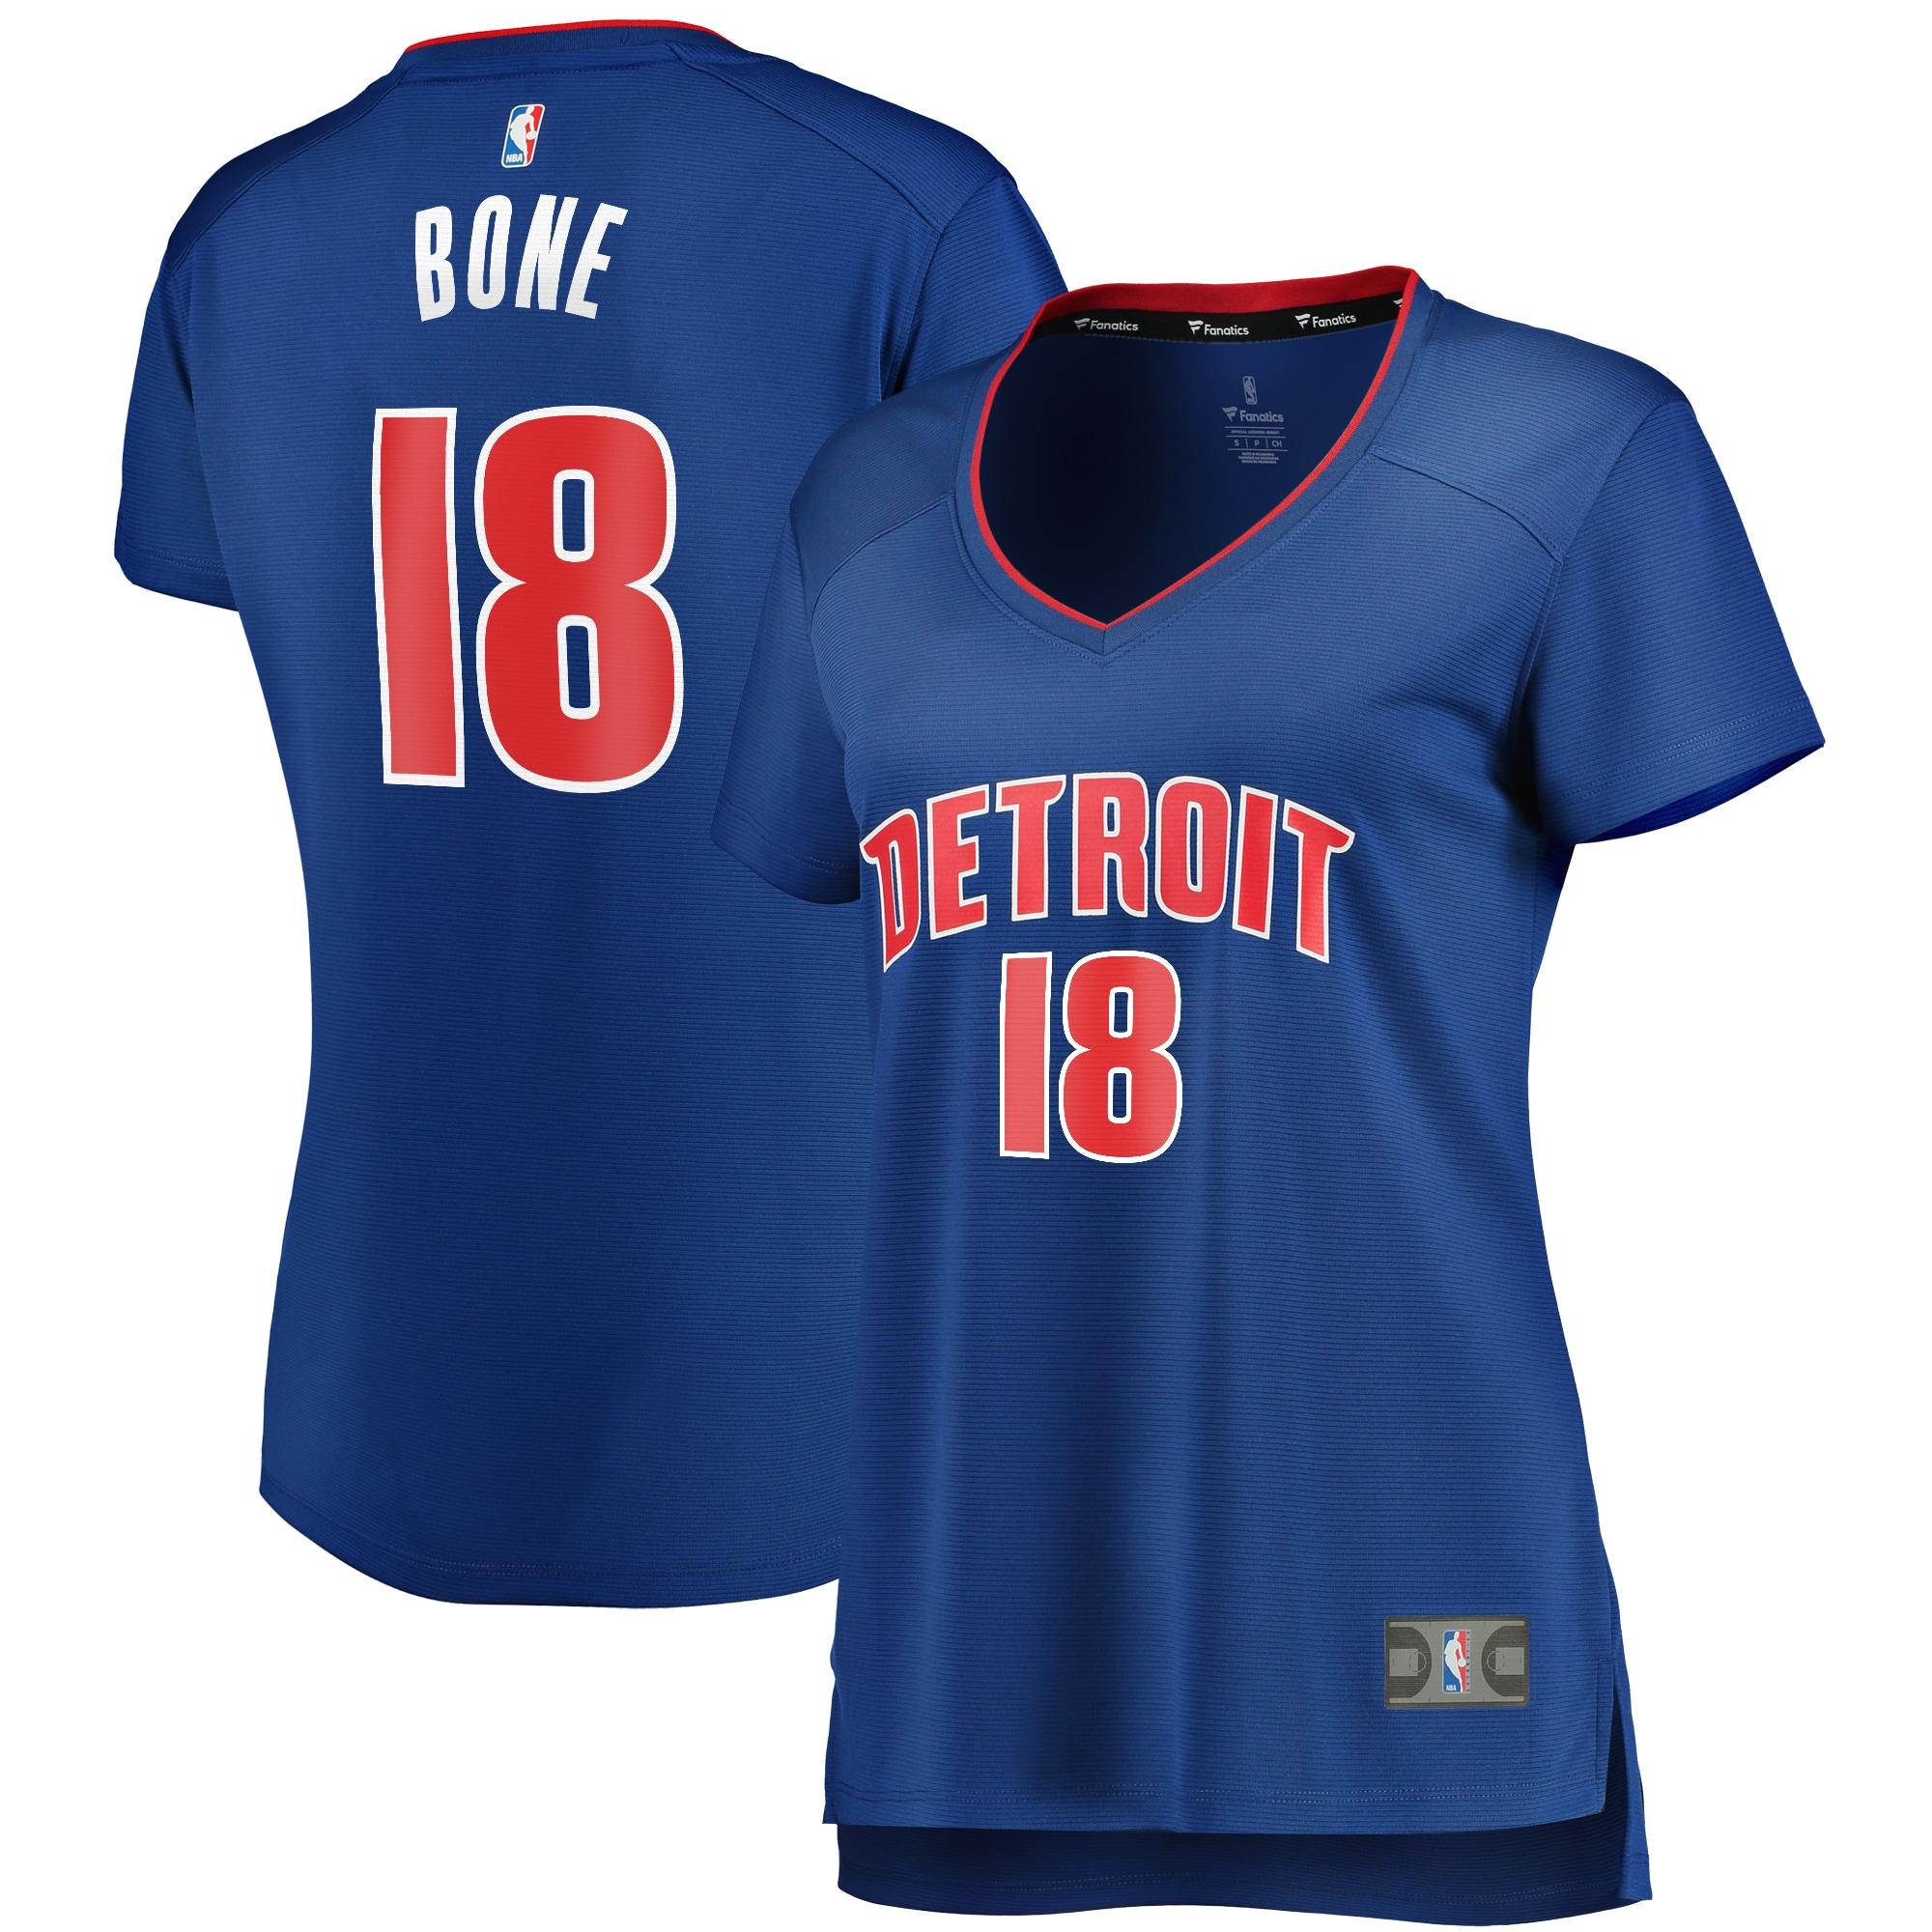 Jordan Bone Detroit Pistons Fanatics Branded Women's Fast Break Replica Player Jersey - Icon Edition - Blue